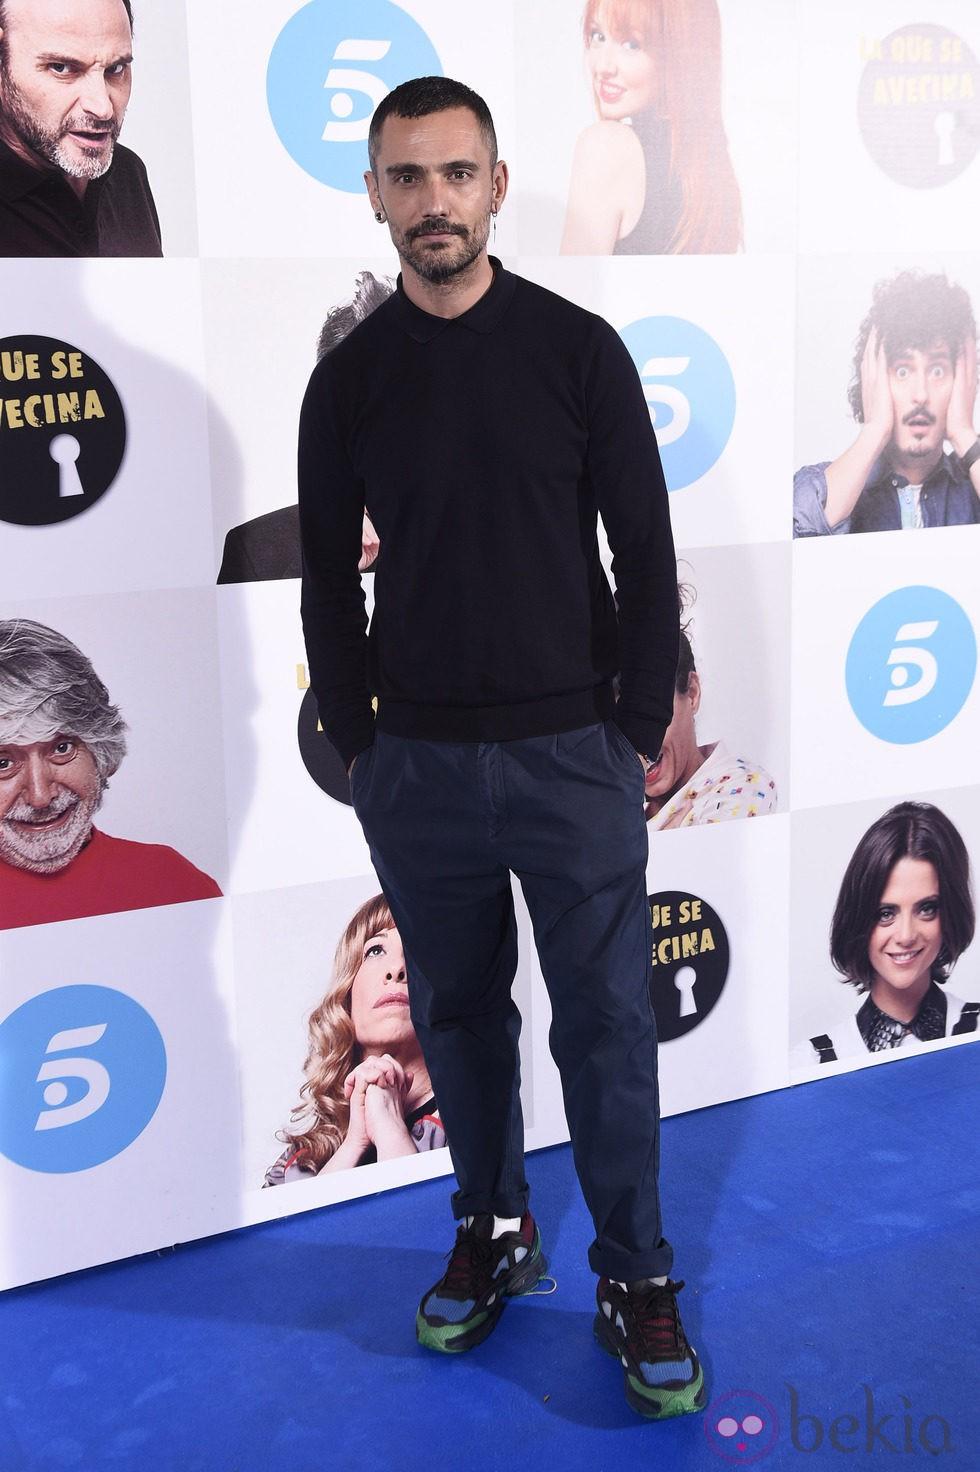 David Delfín en el estreno de la octava temporada de 'La que se avecina'